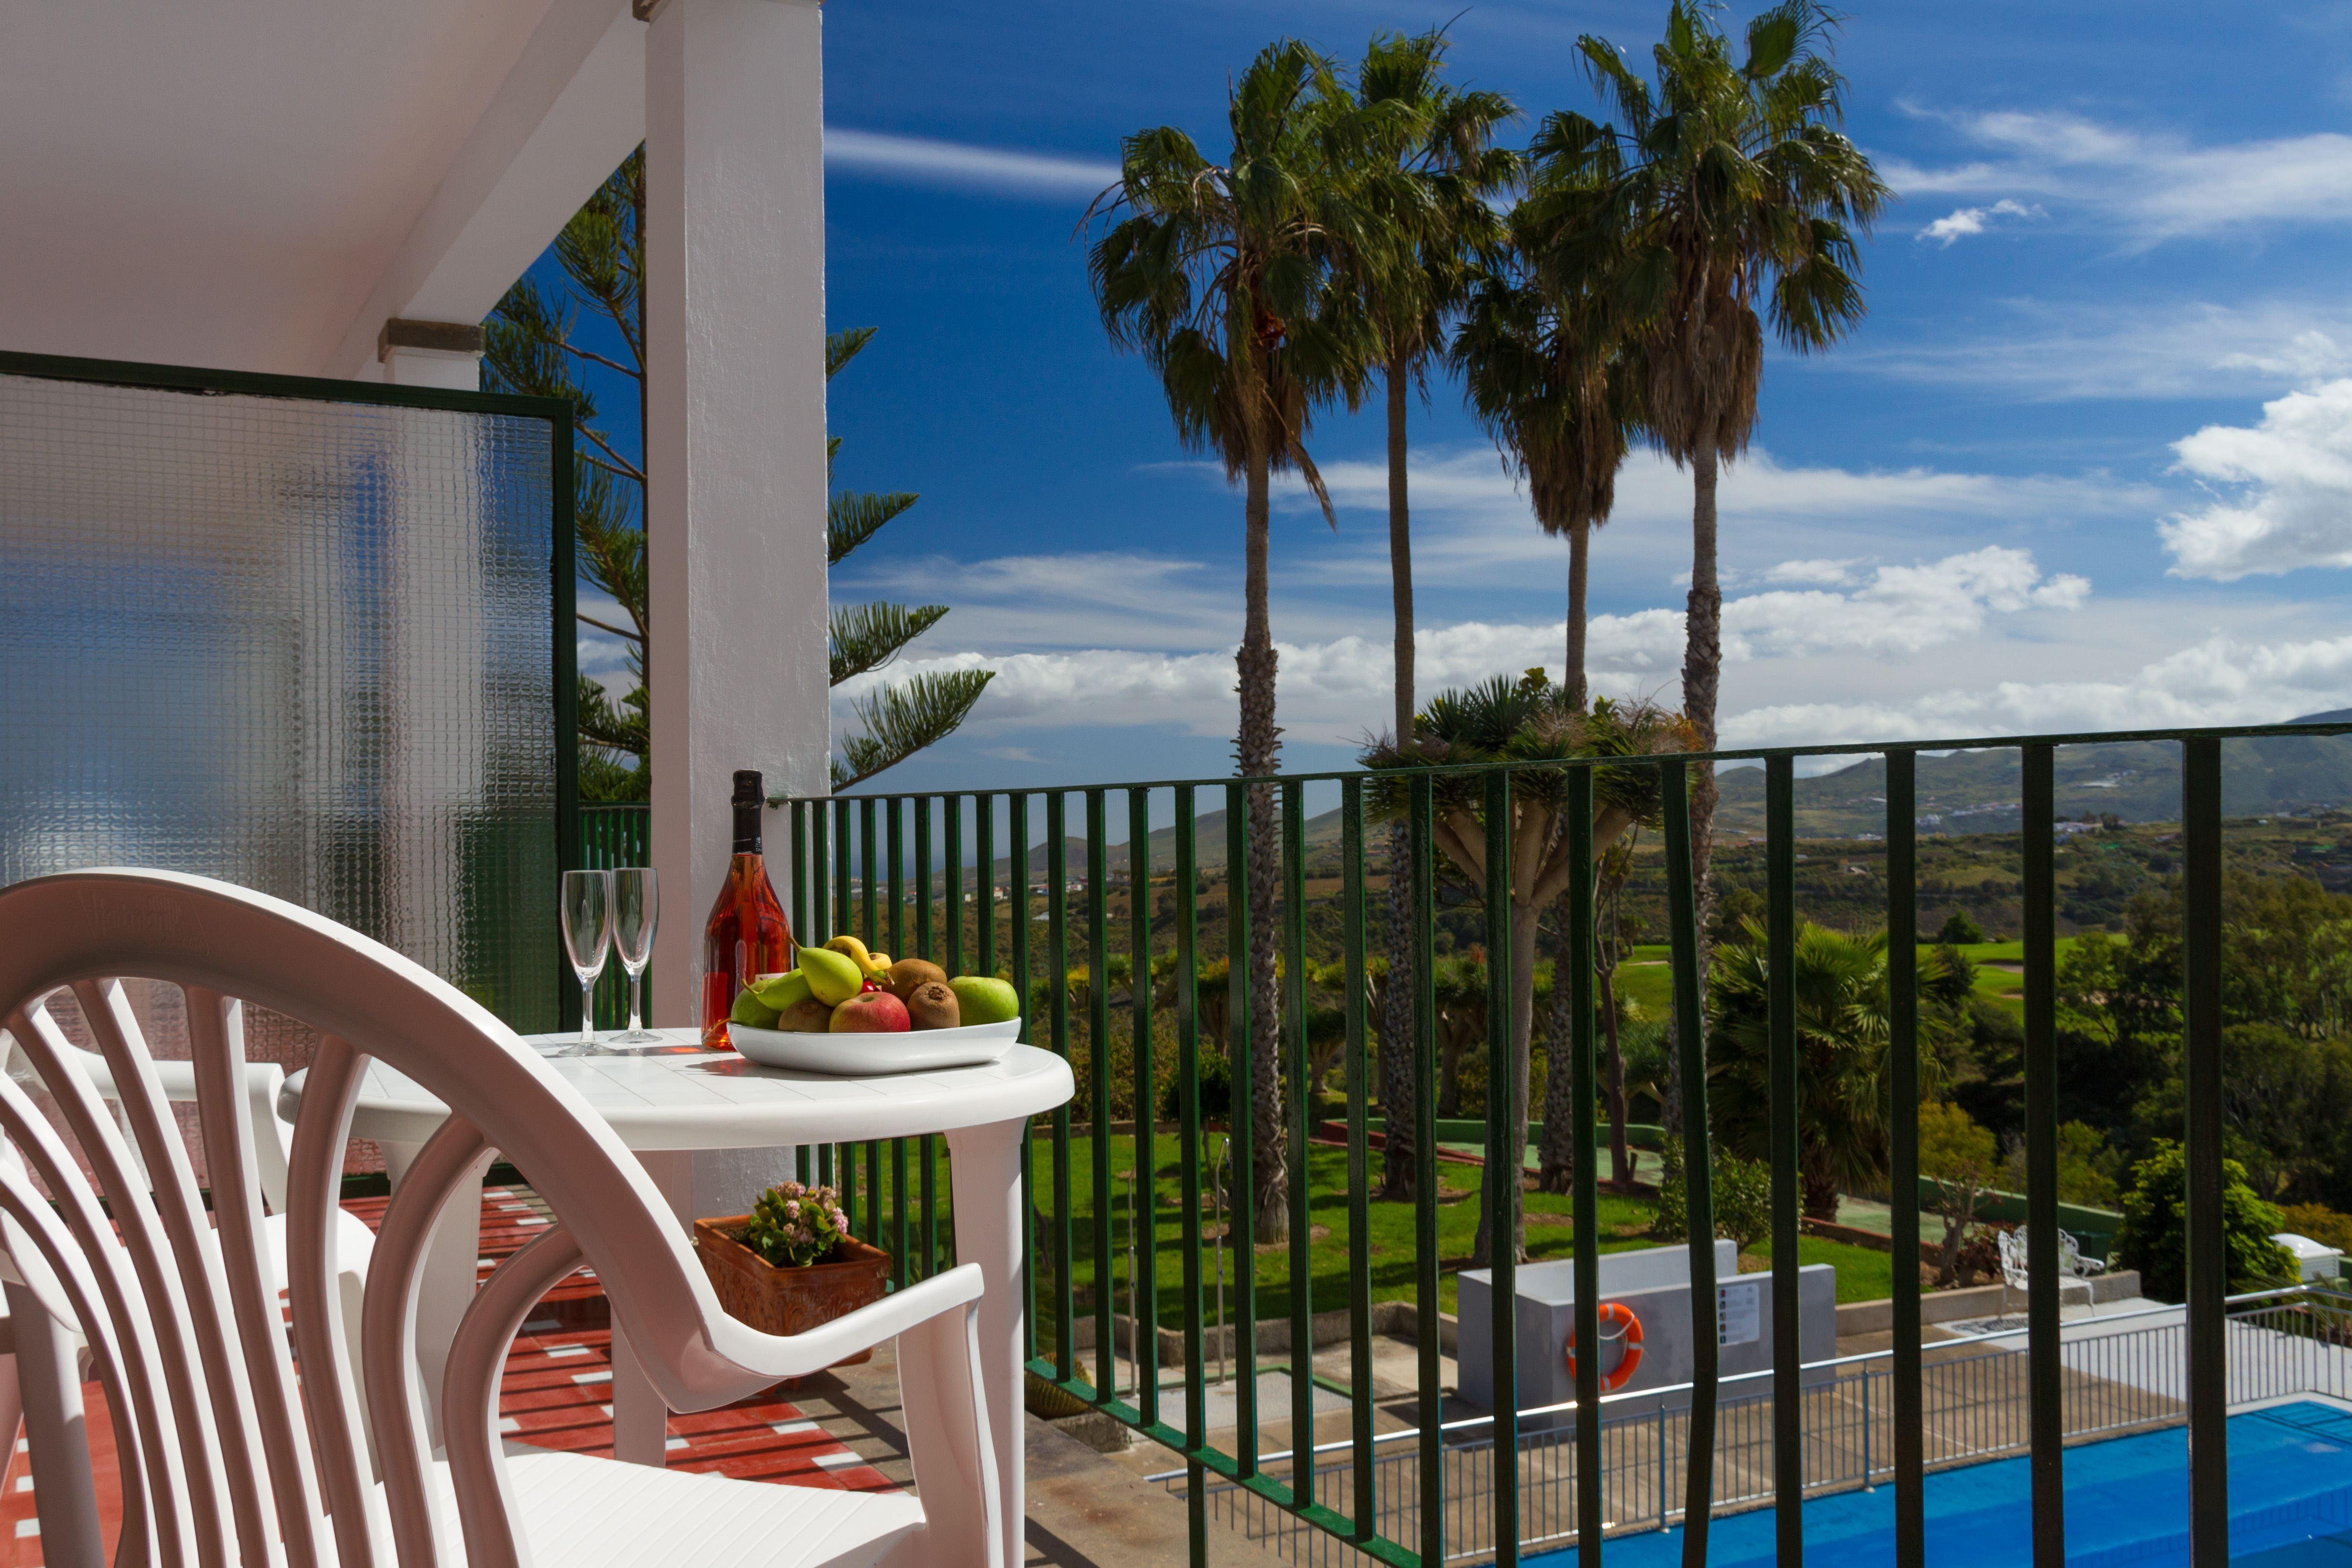 Balkong på Bandama Golf Hotell, Santa Brigida Gran Canaria